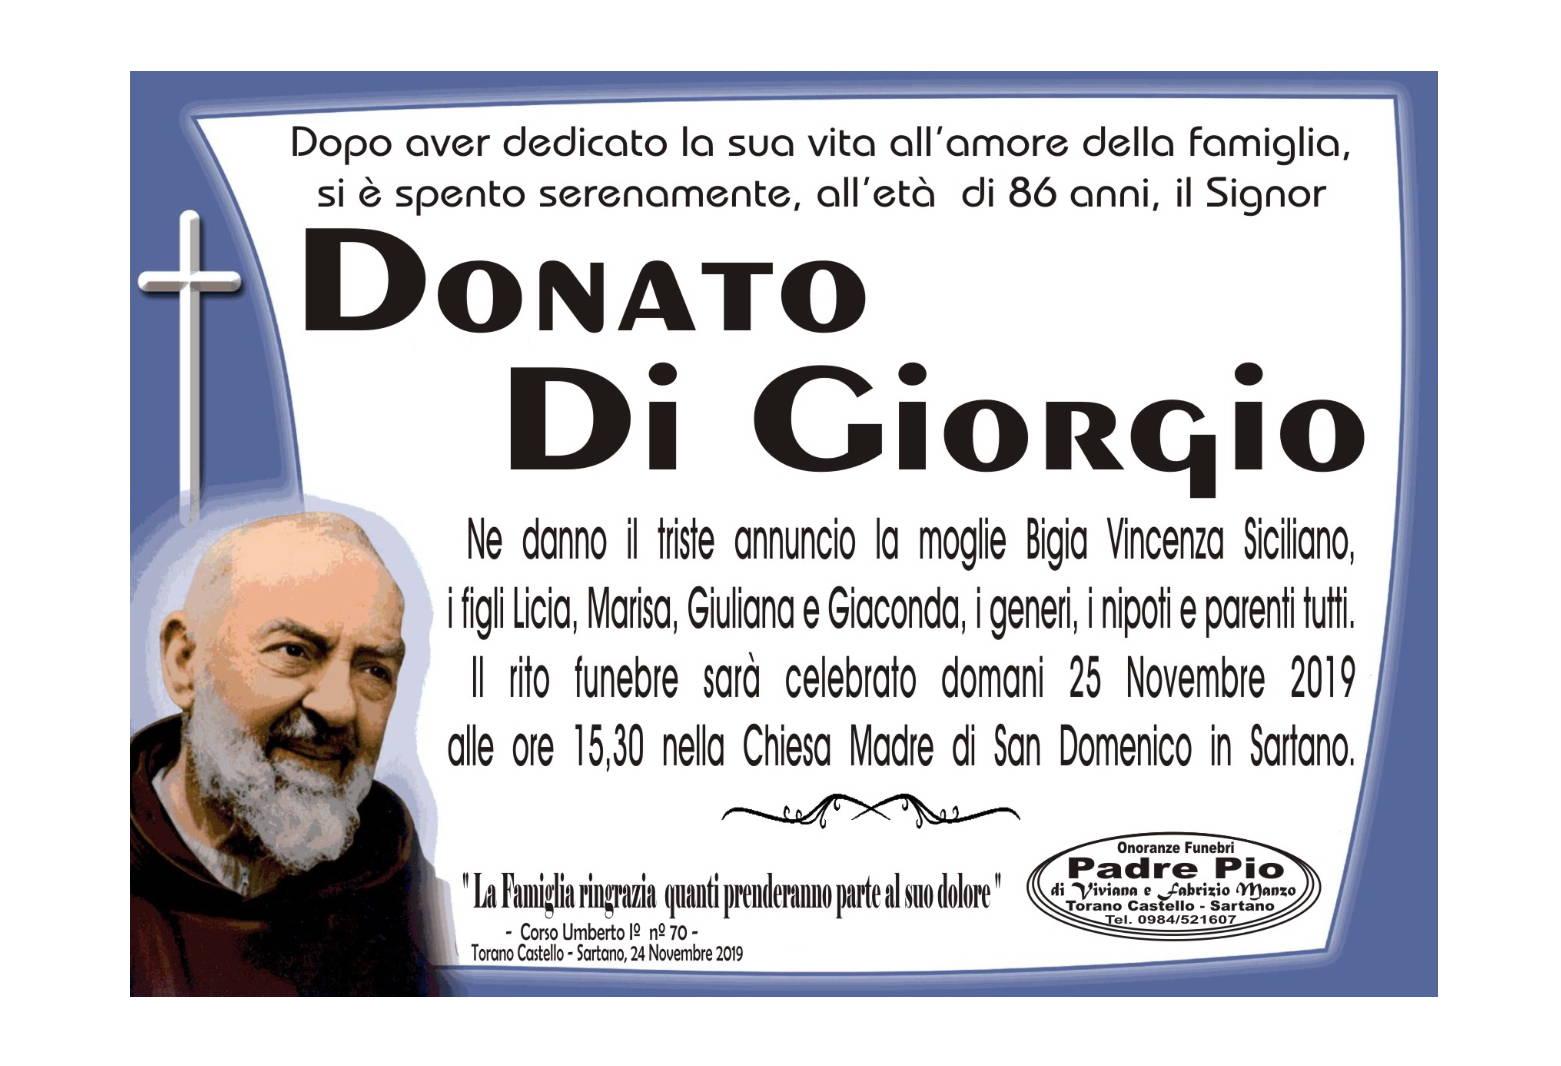 Donato Di Giorgio